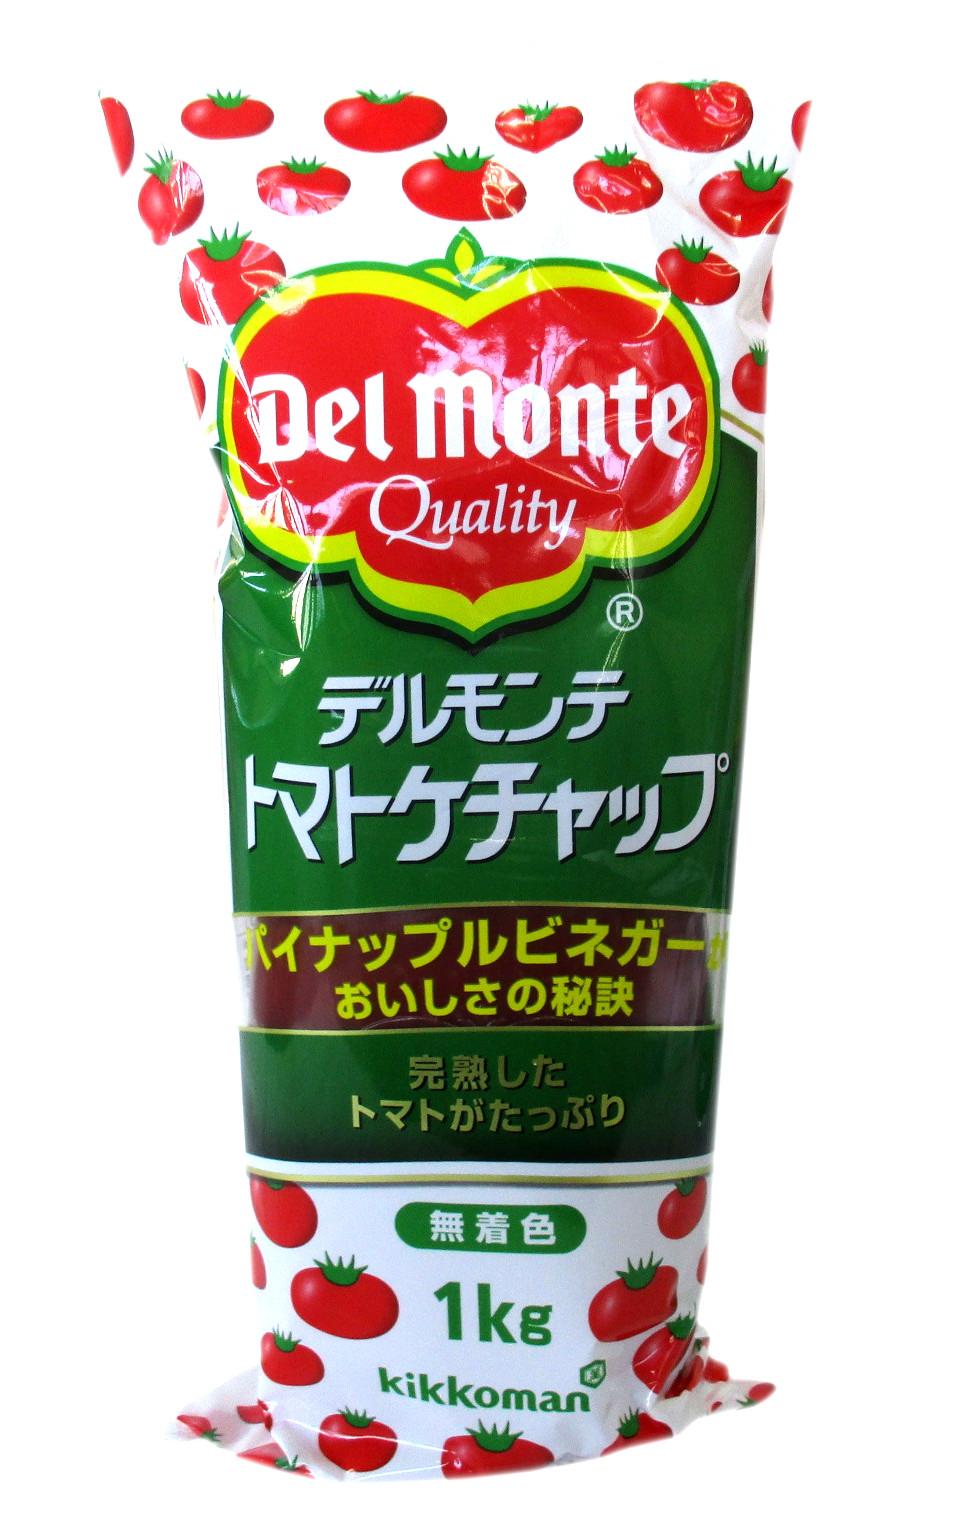 デルモンテ セールSALE%OFF トマトケチャップ 1kg 特級 国内送料無料